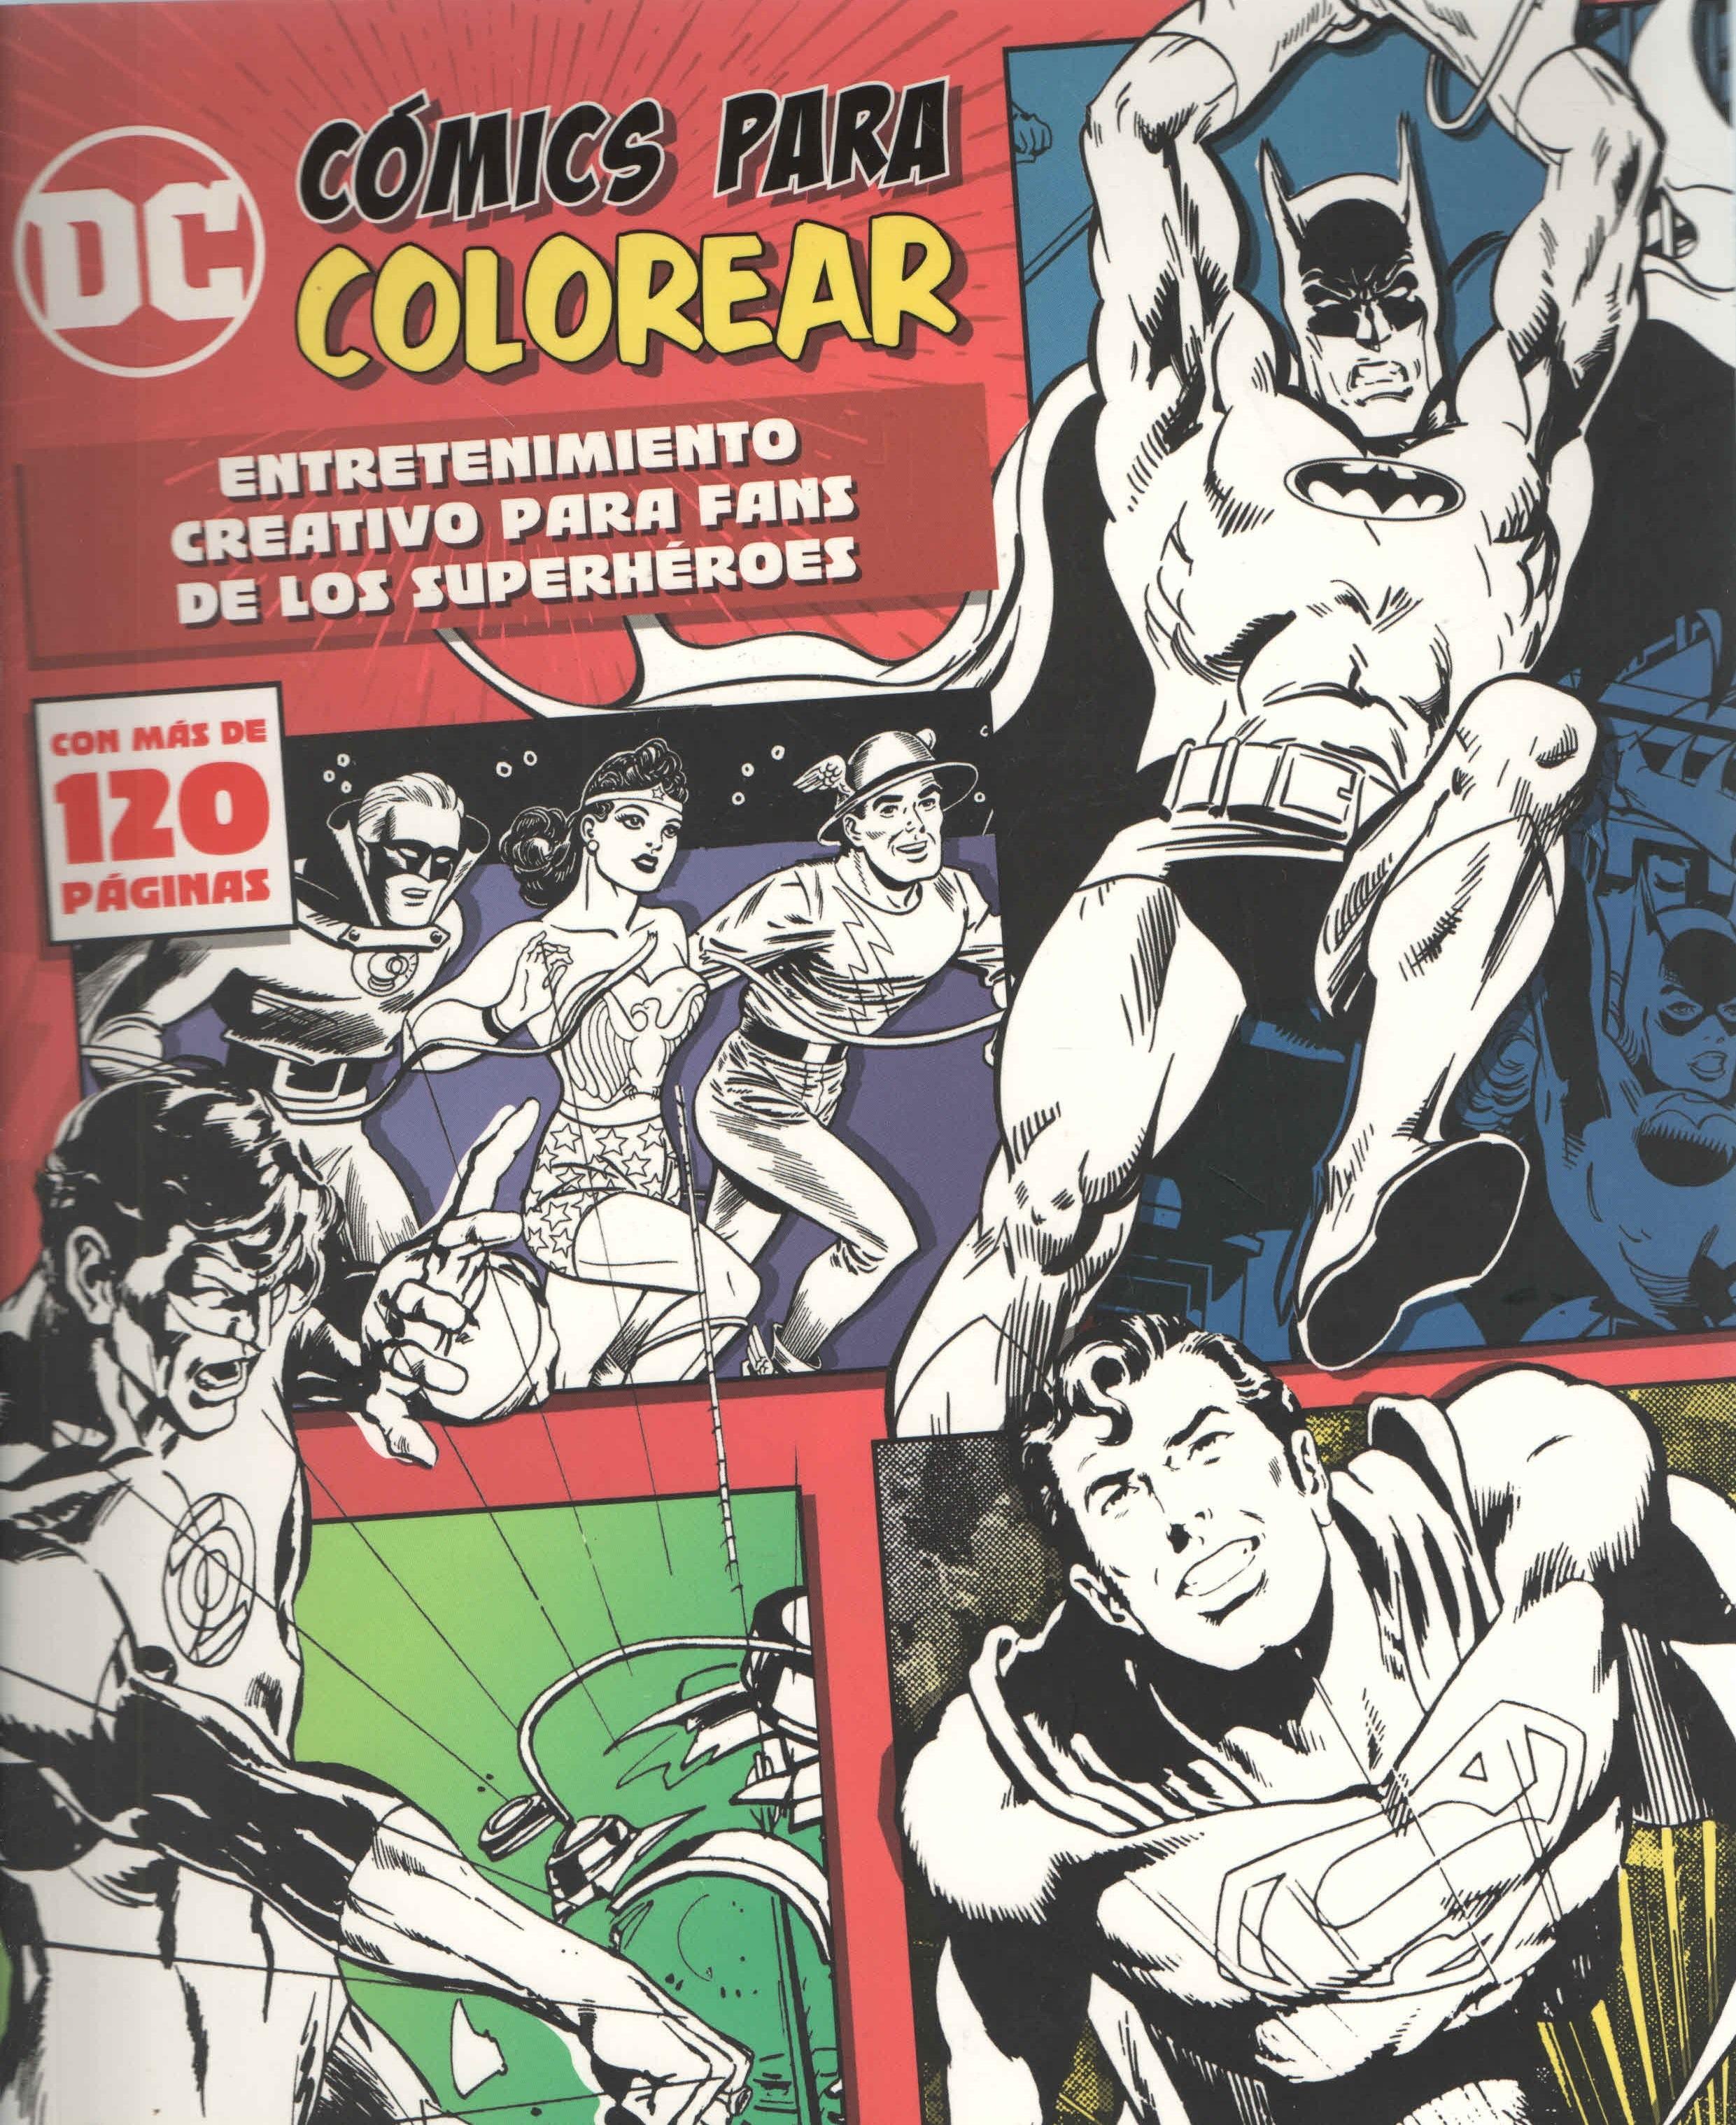 Dc Comics Para Colorear: Batman, Superman - Delivering Ibooks & Design Barcelona - Parragon Book